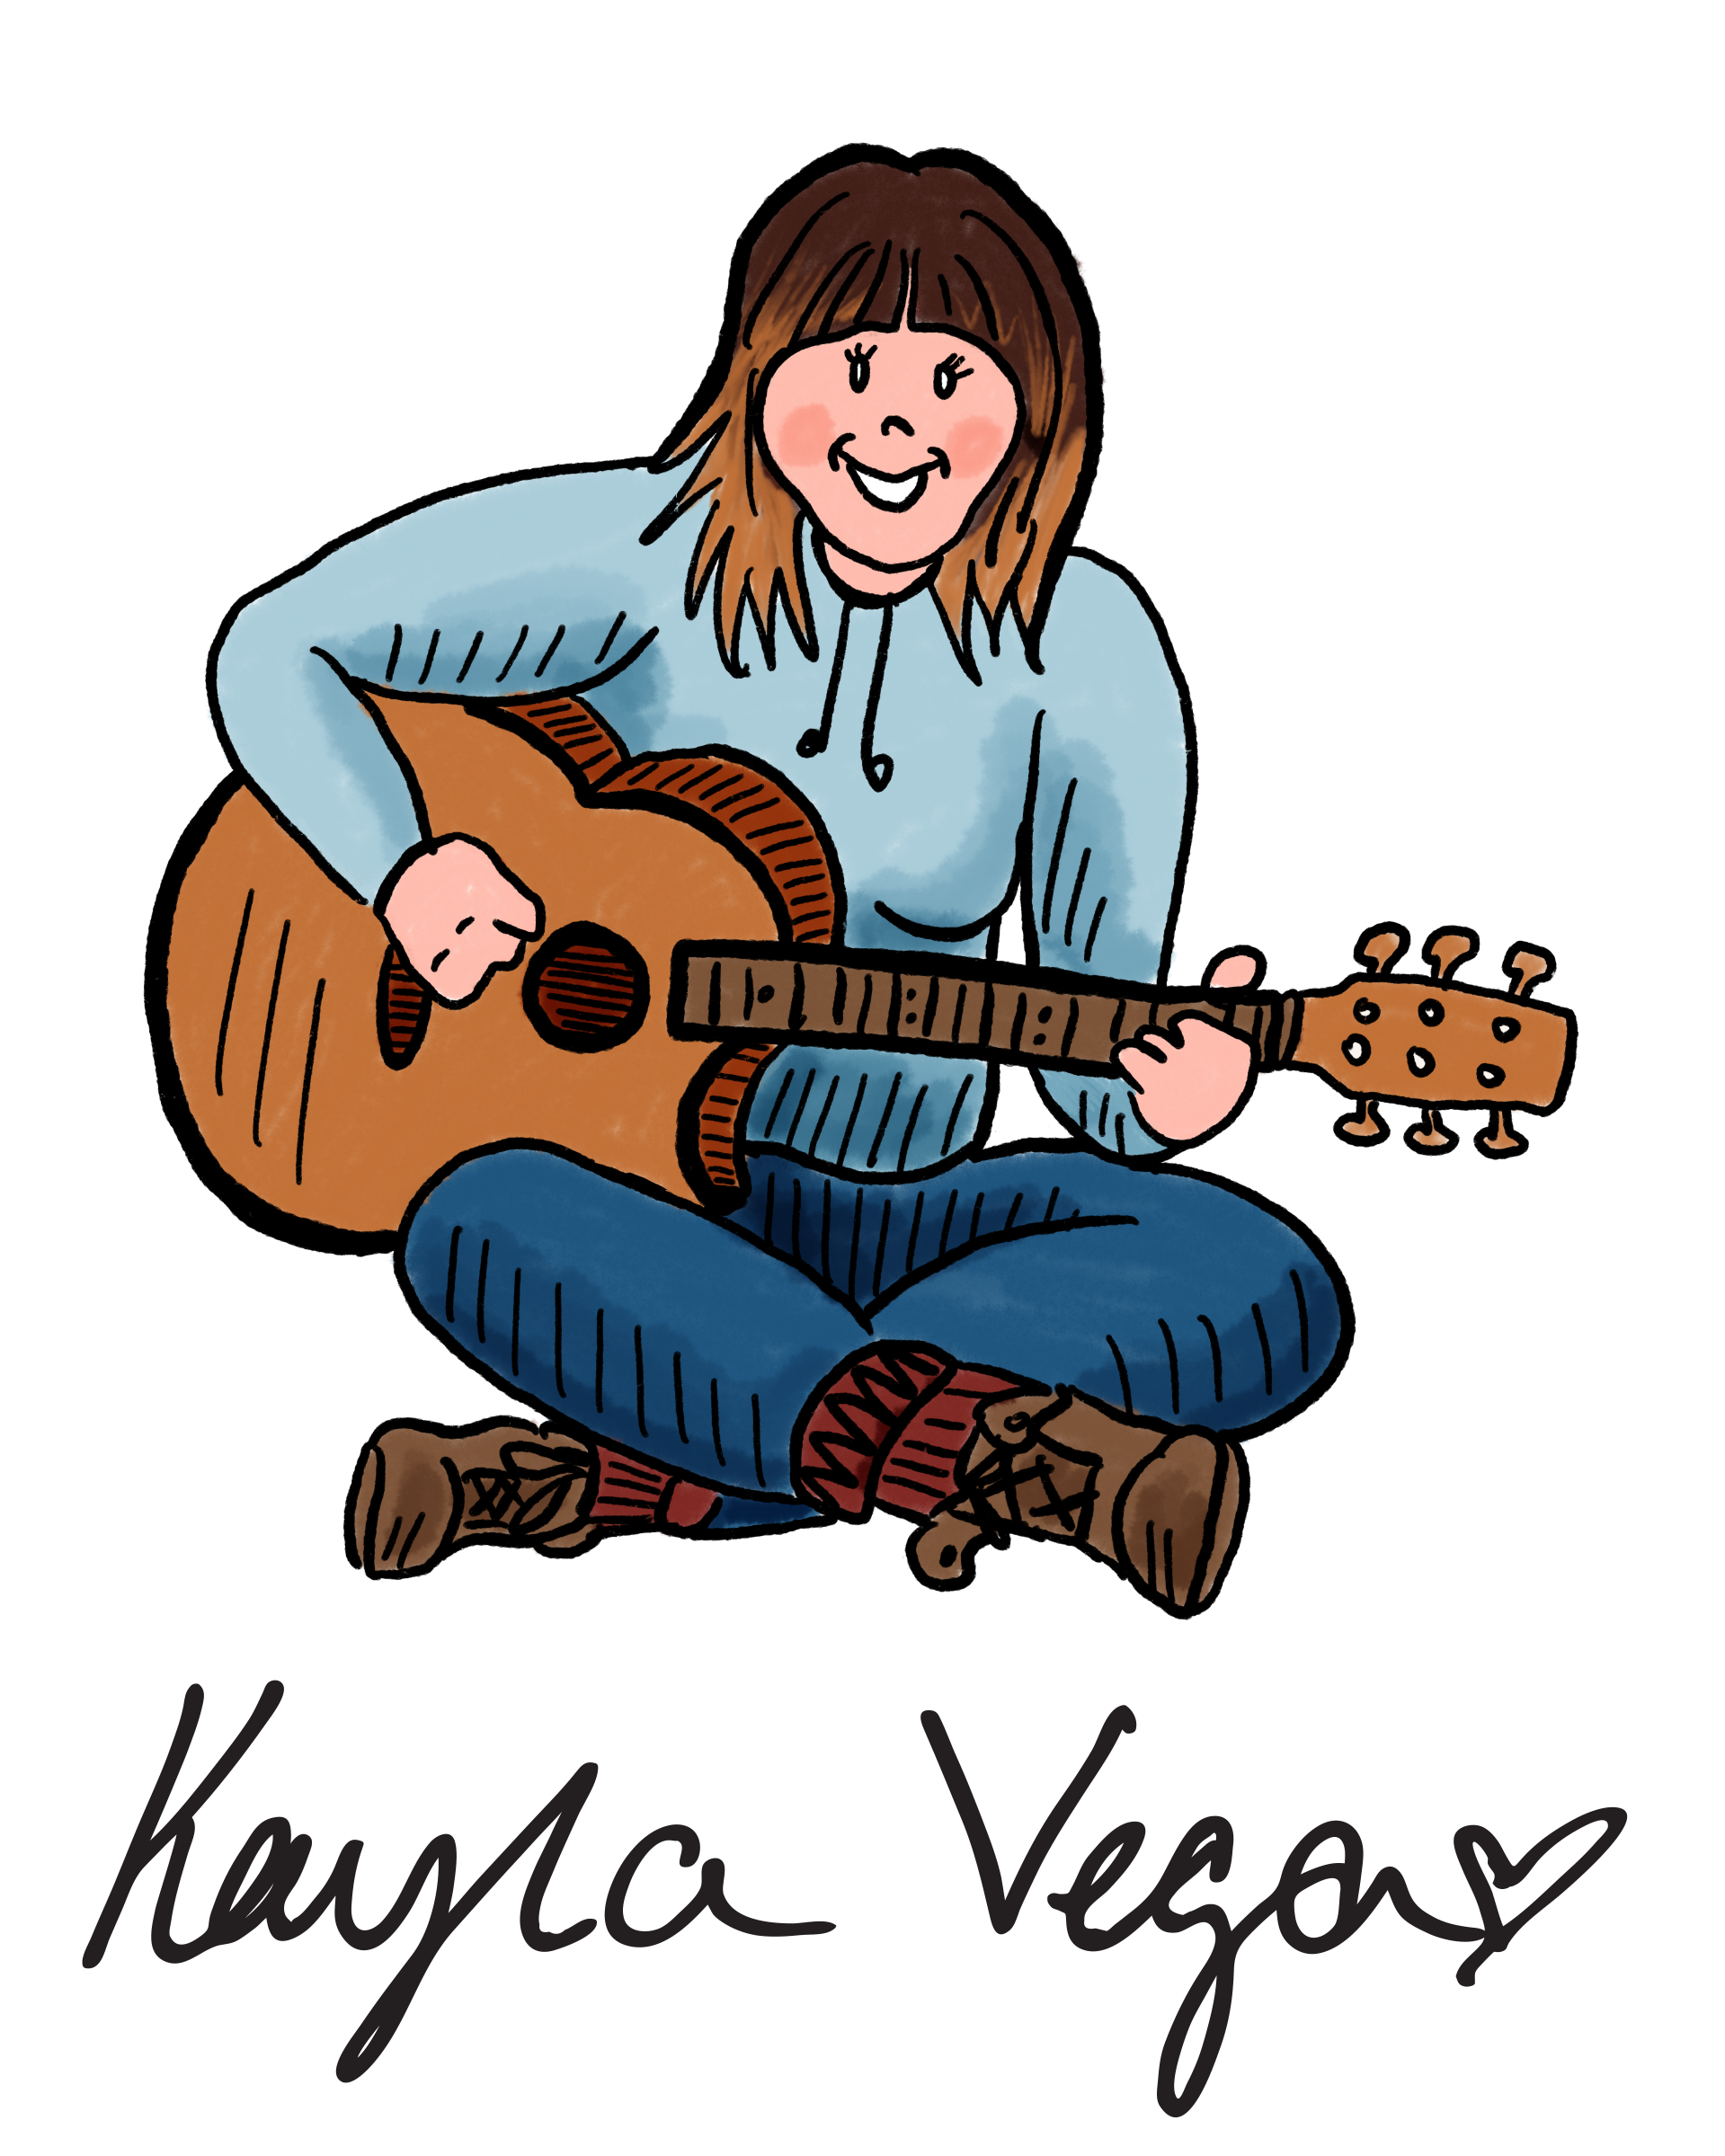 Kayla Vega